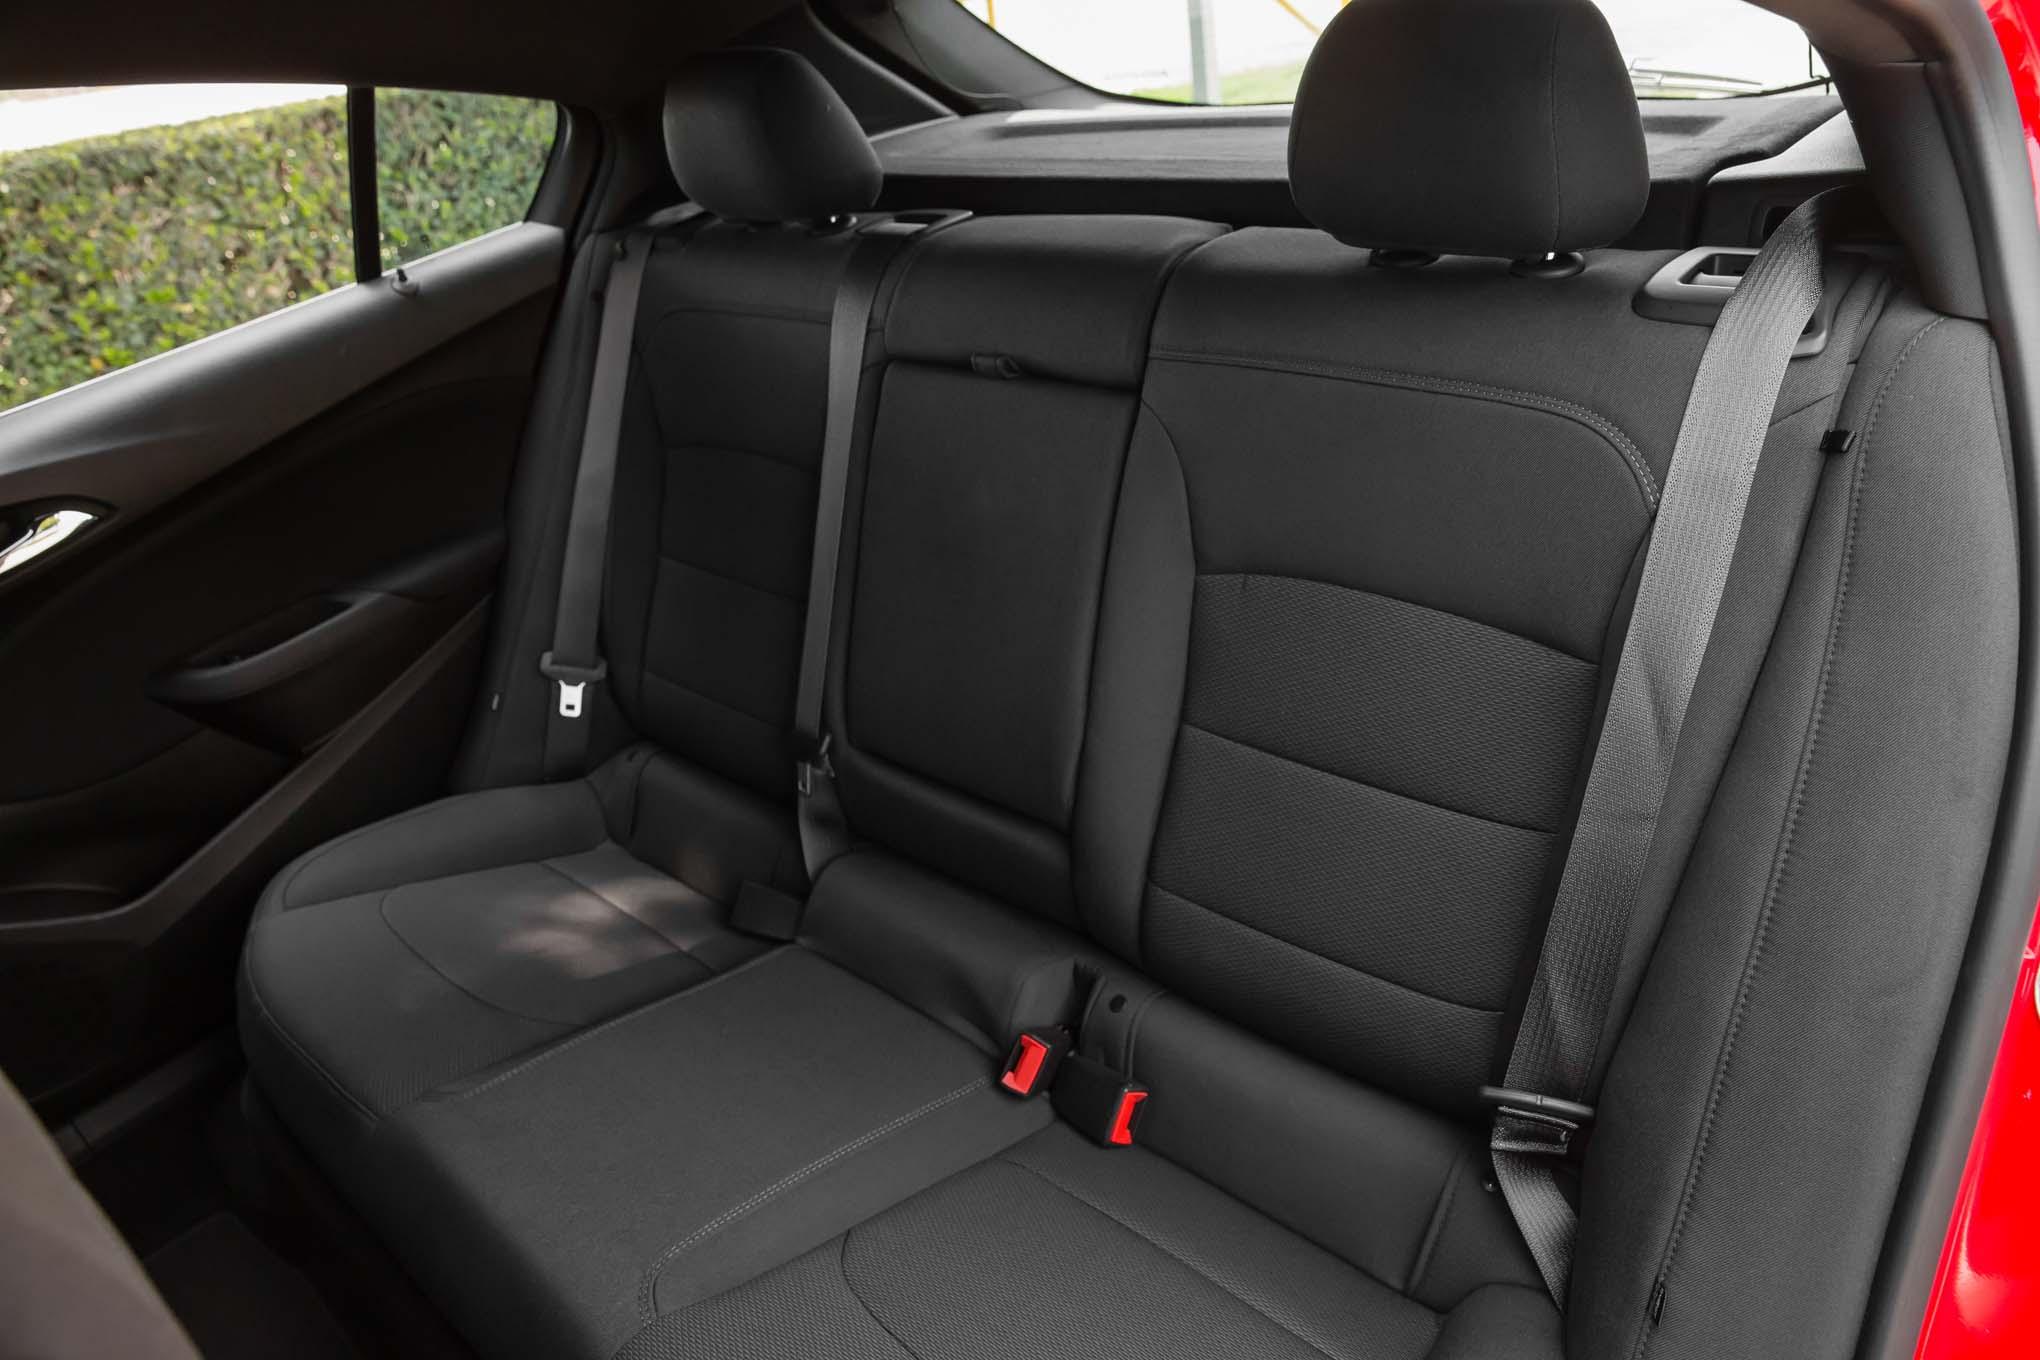 2017 Chevrolet Cruze Lt Hatchback Rear Interior Seats 16 Octubre Miguel Cortina